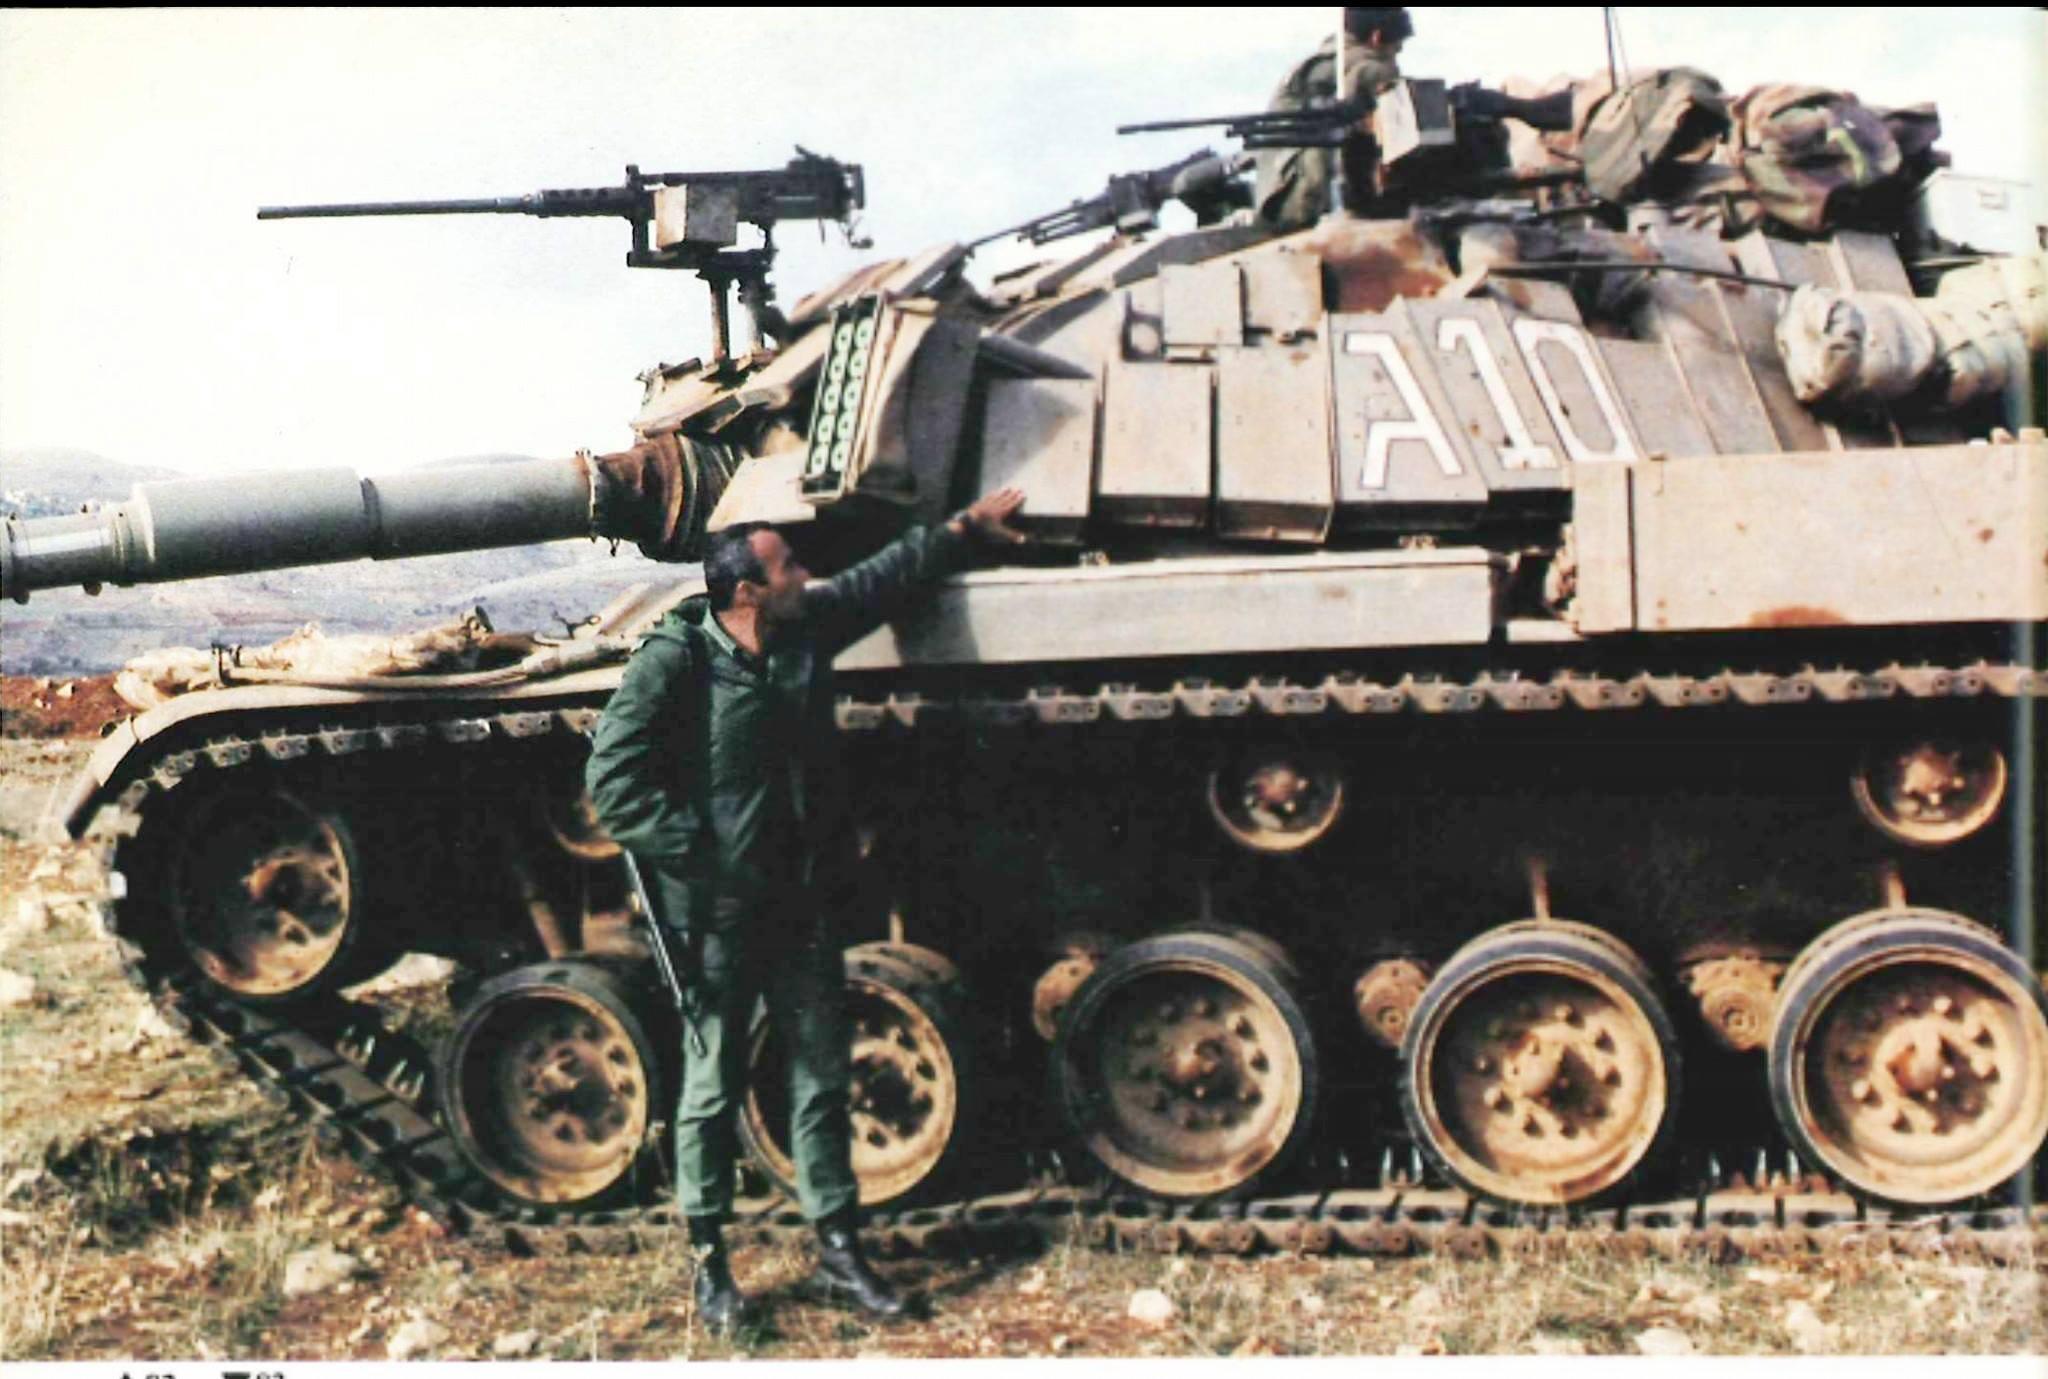 """טנק מגח 6ג בזמן השהייה בלבנון מיד לאחר מלחמת לבנון ה-2. ליד הטנק תא""""ל יעקב לפידות, לימים אלוף."""